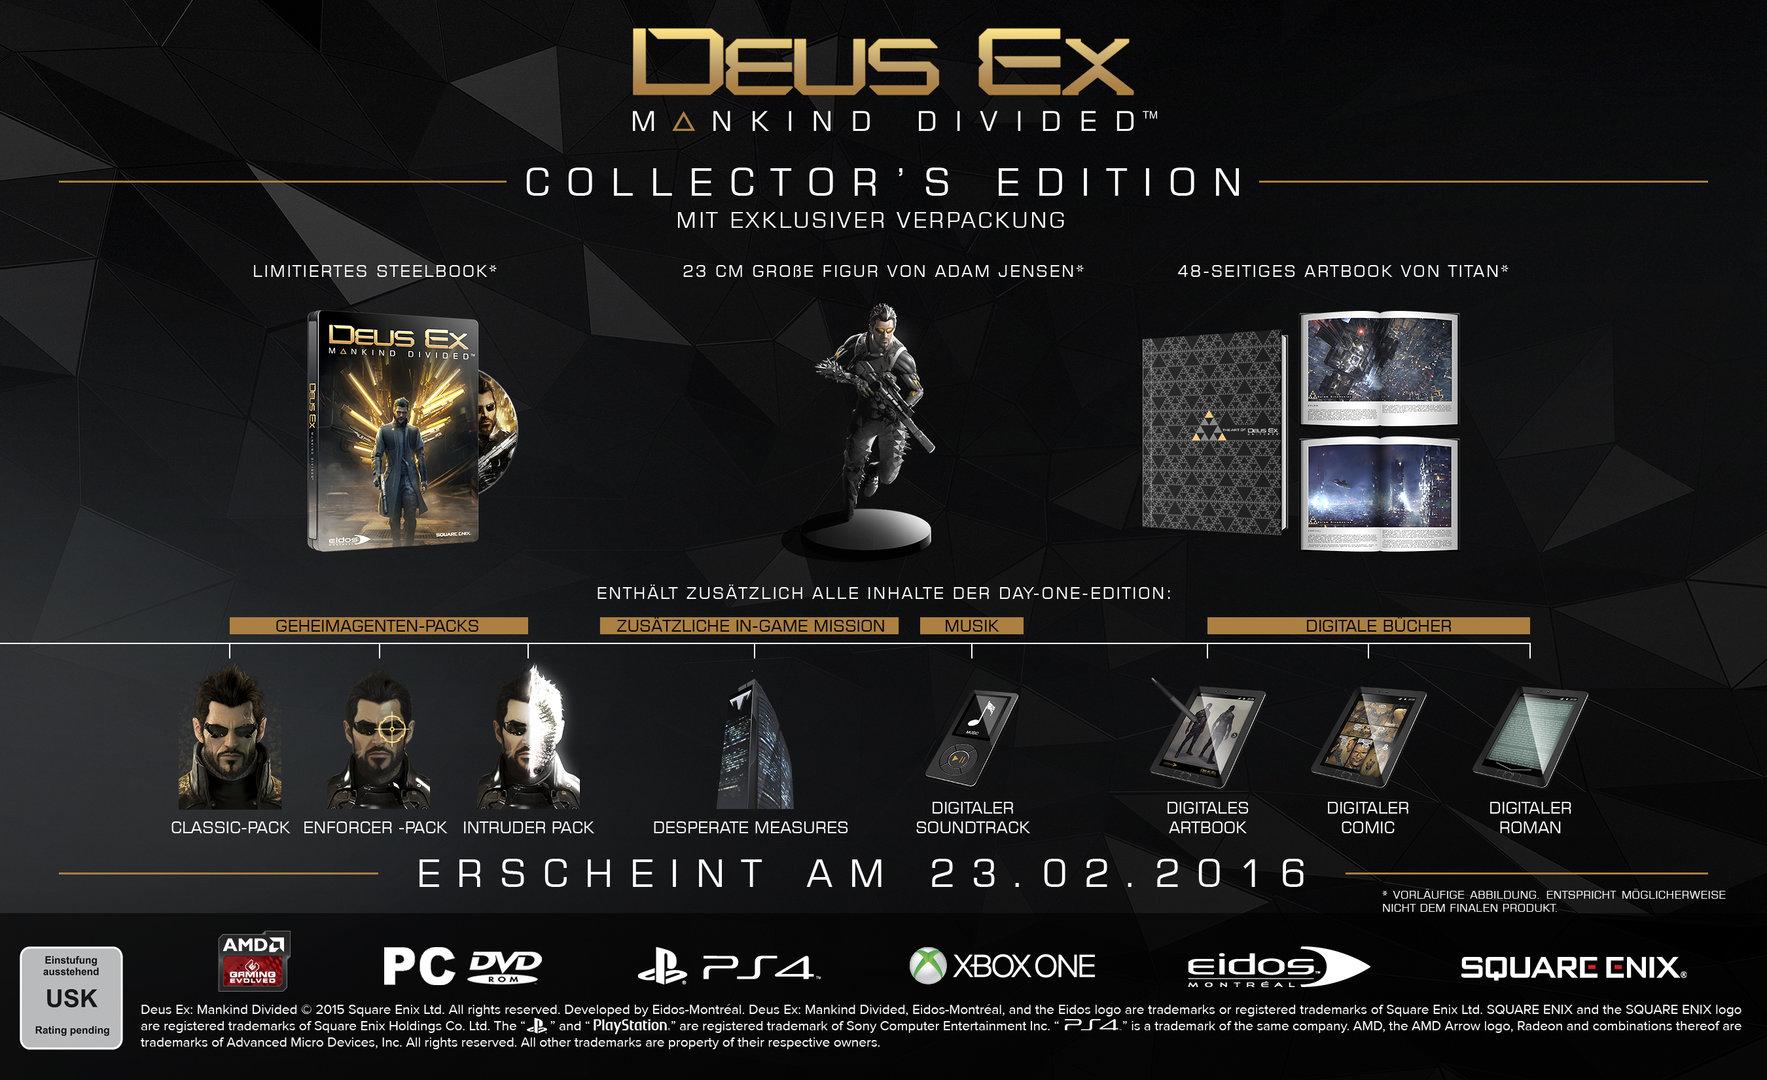 Collectors Edition von Deus Ex